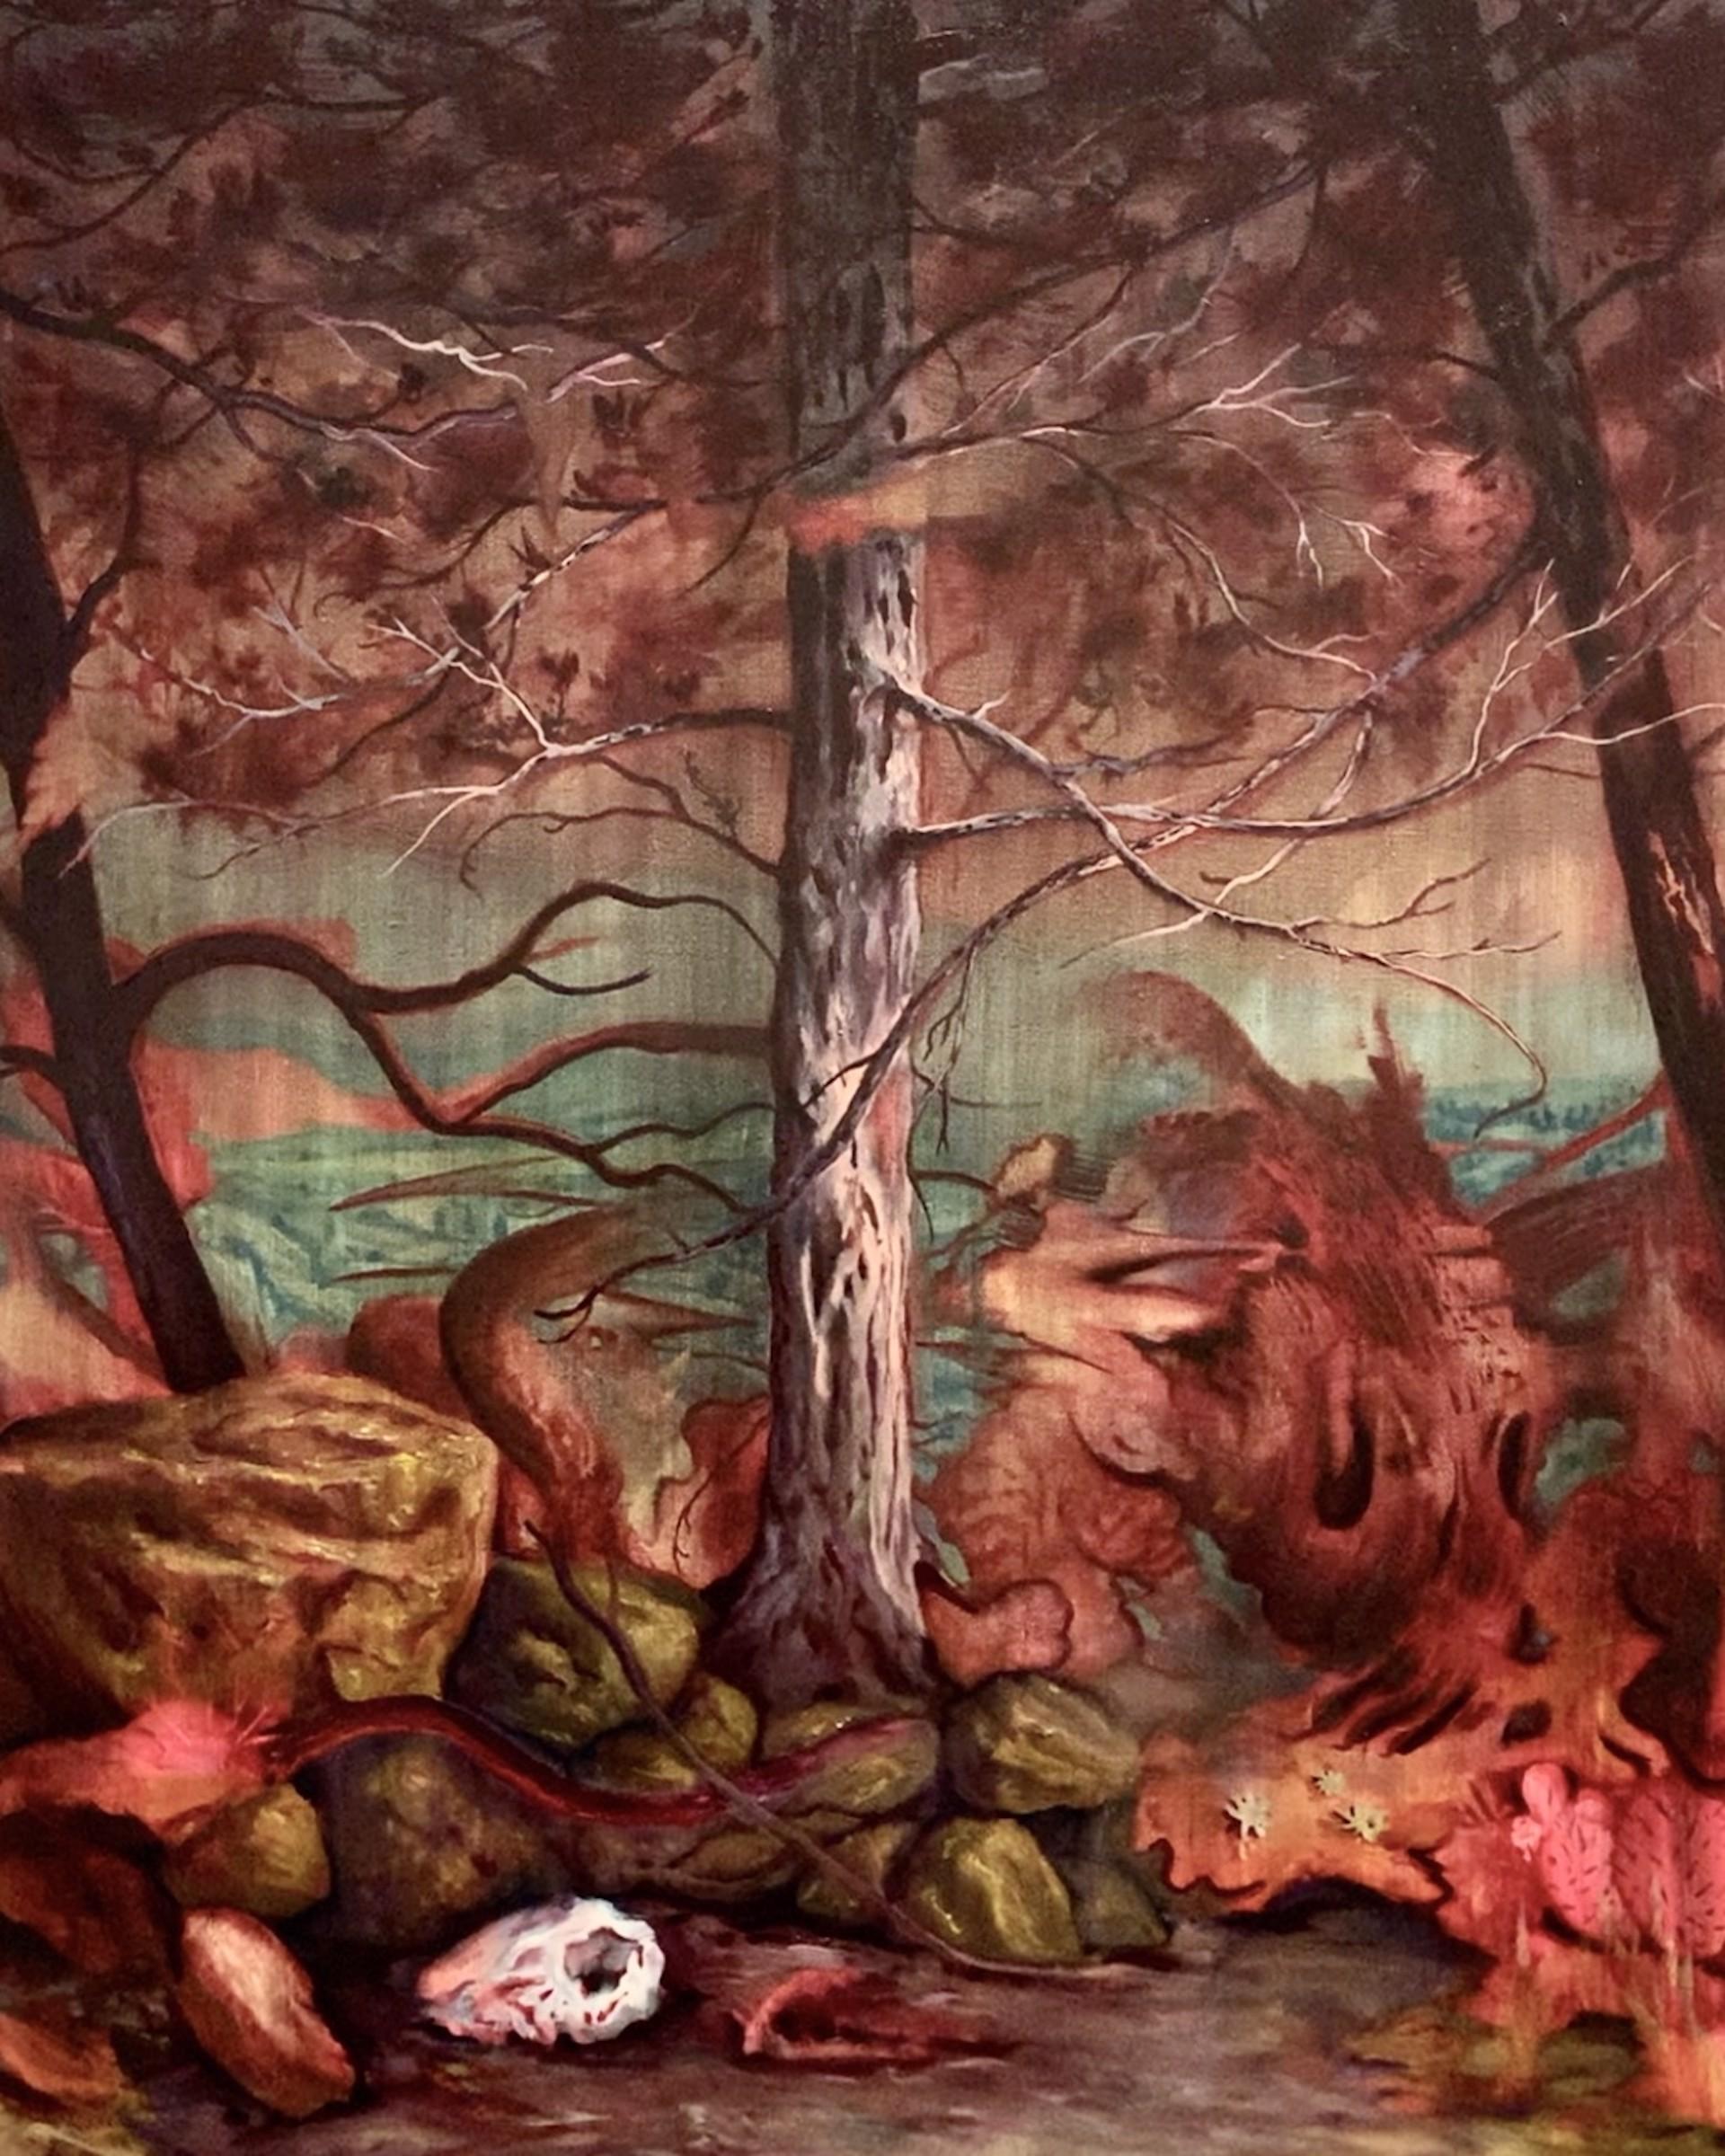 Hallucination Tree by Fabricio Suarez